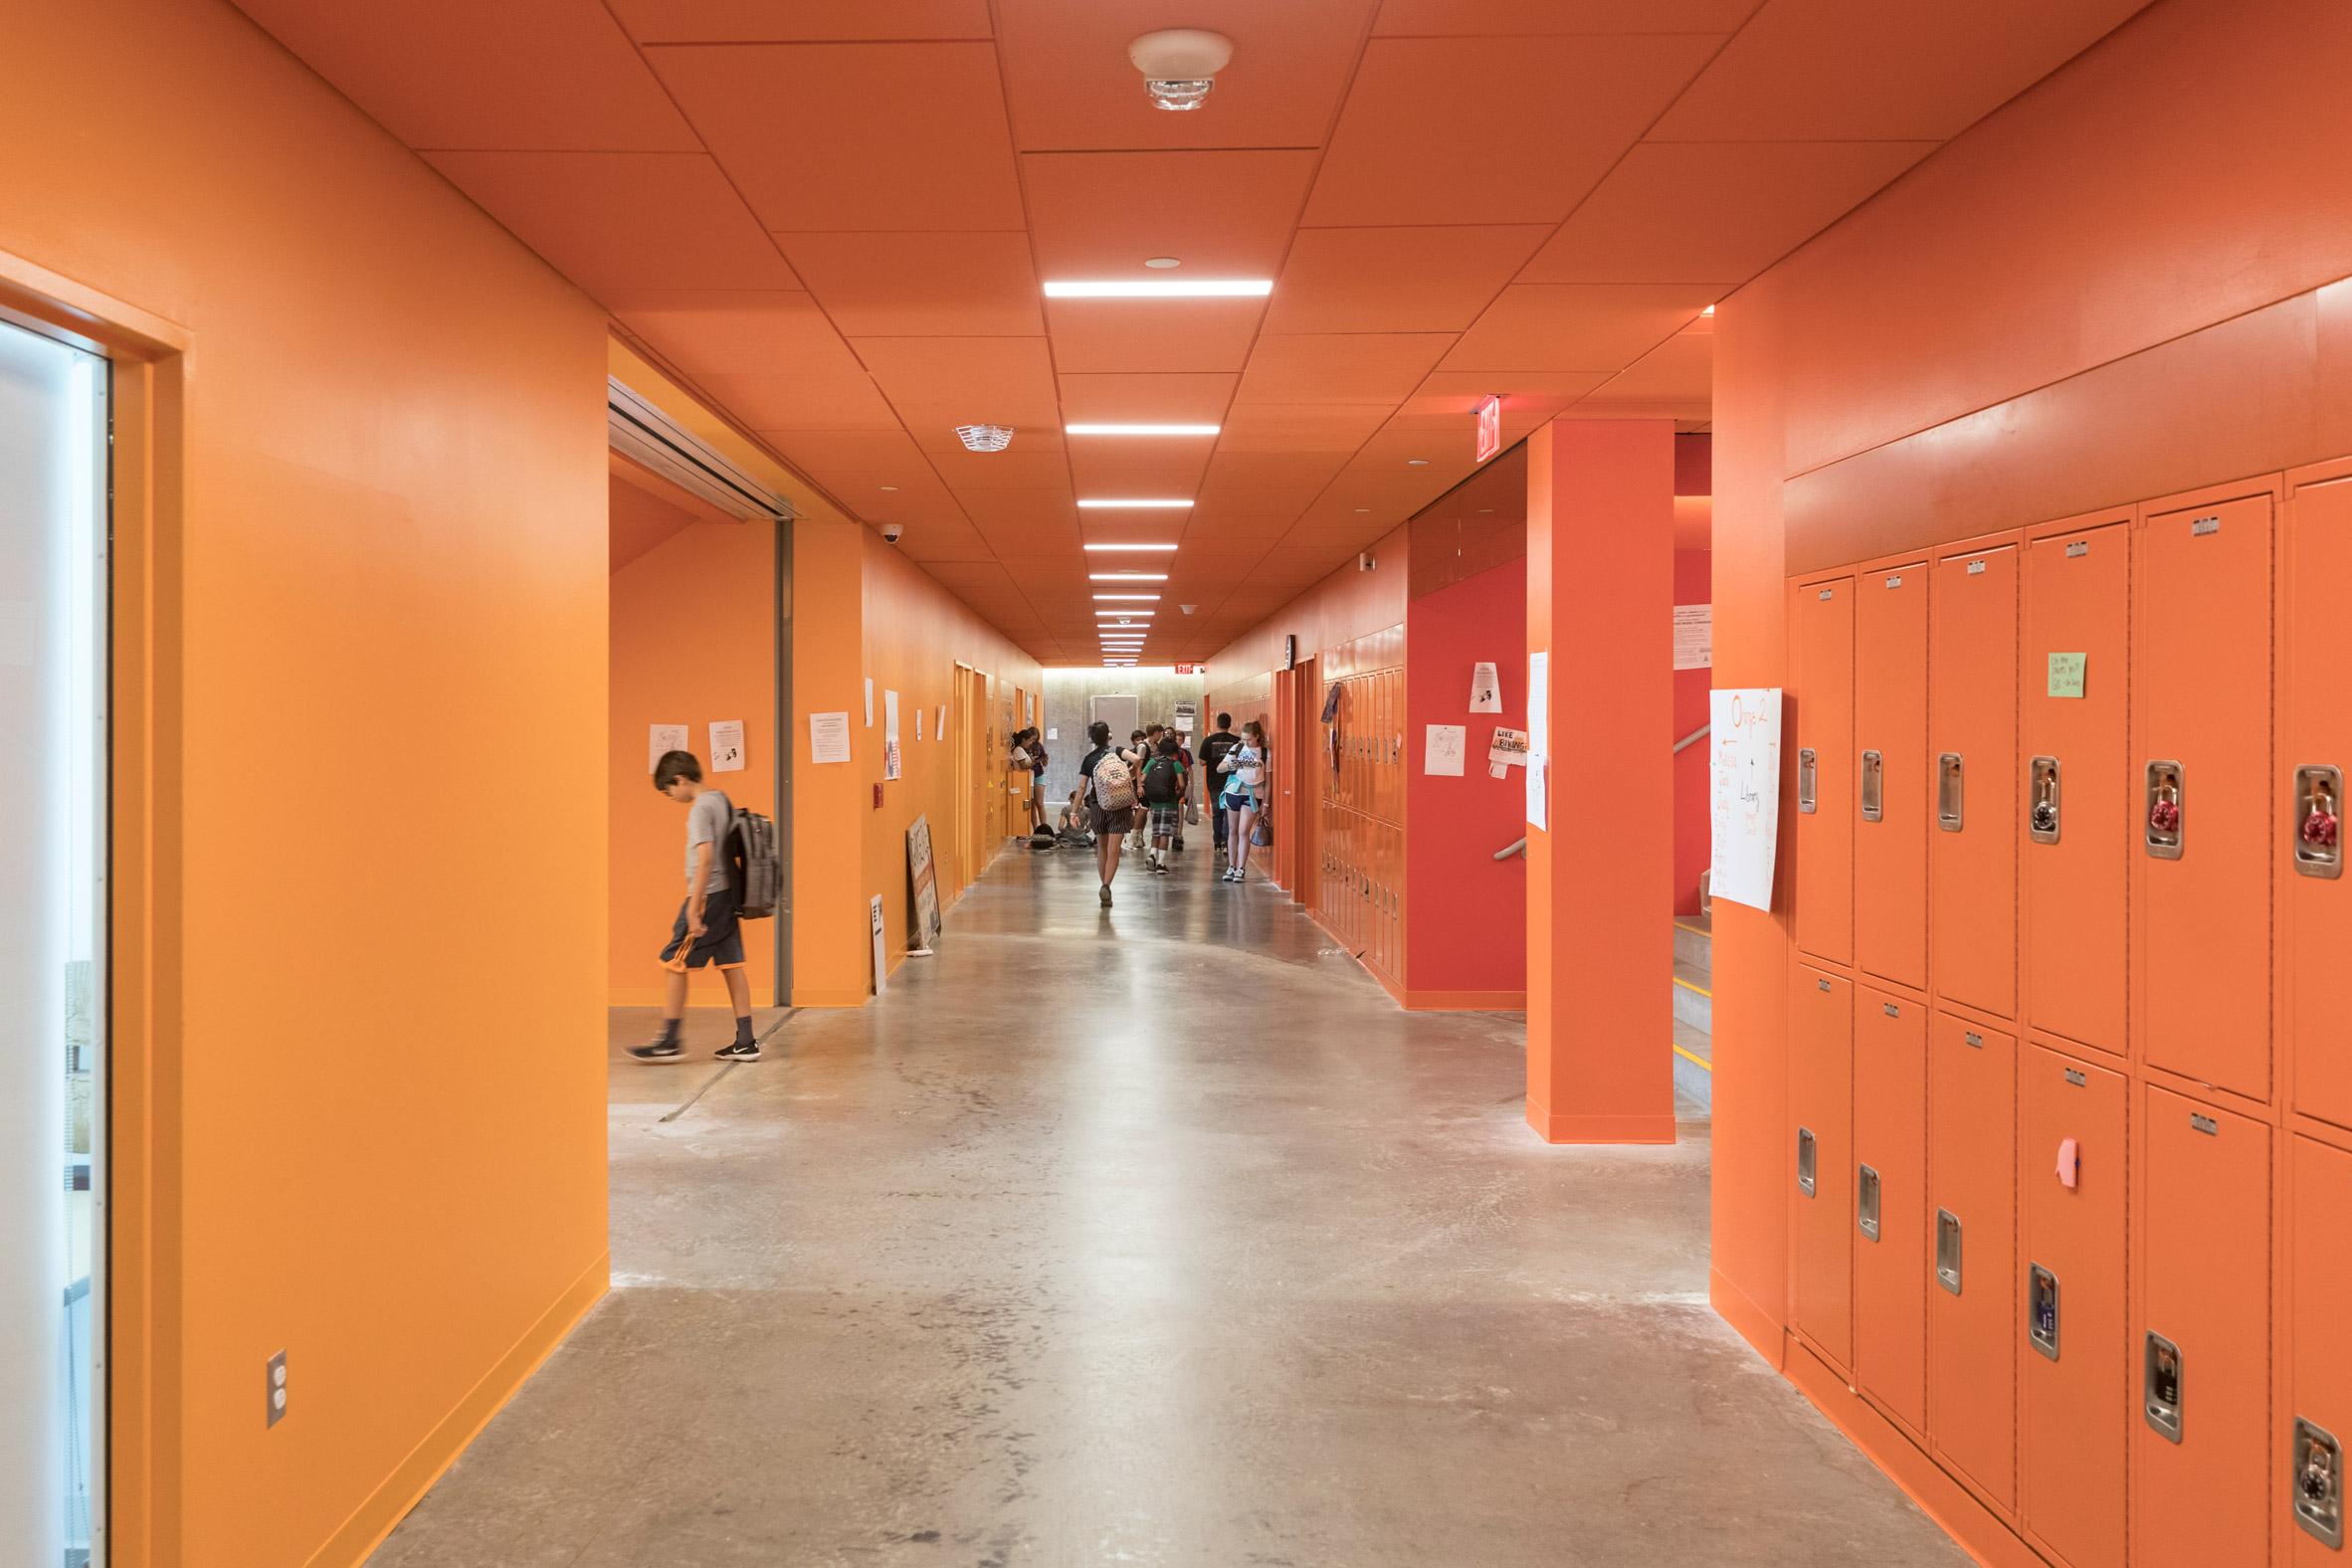 Thiết kế ánh sáng trong phòng học 11